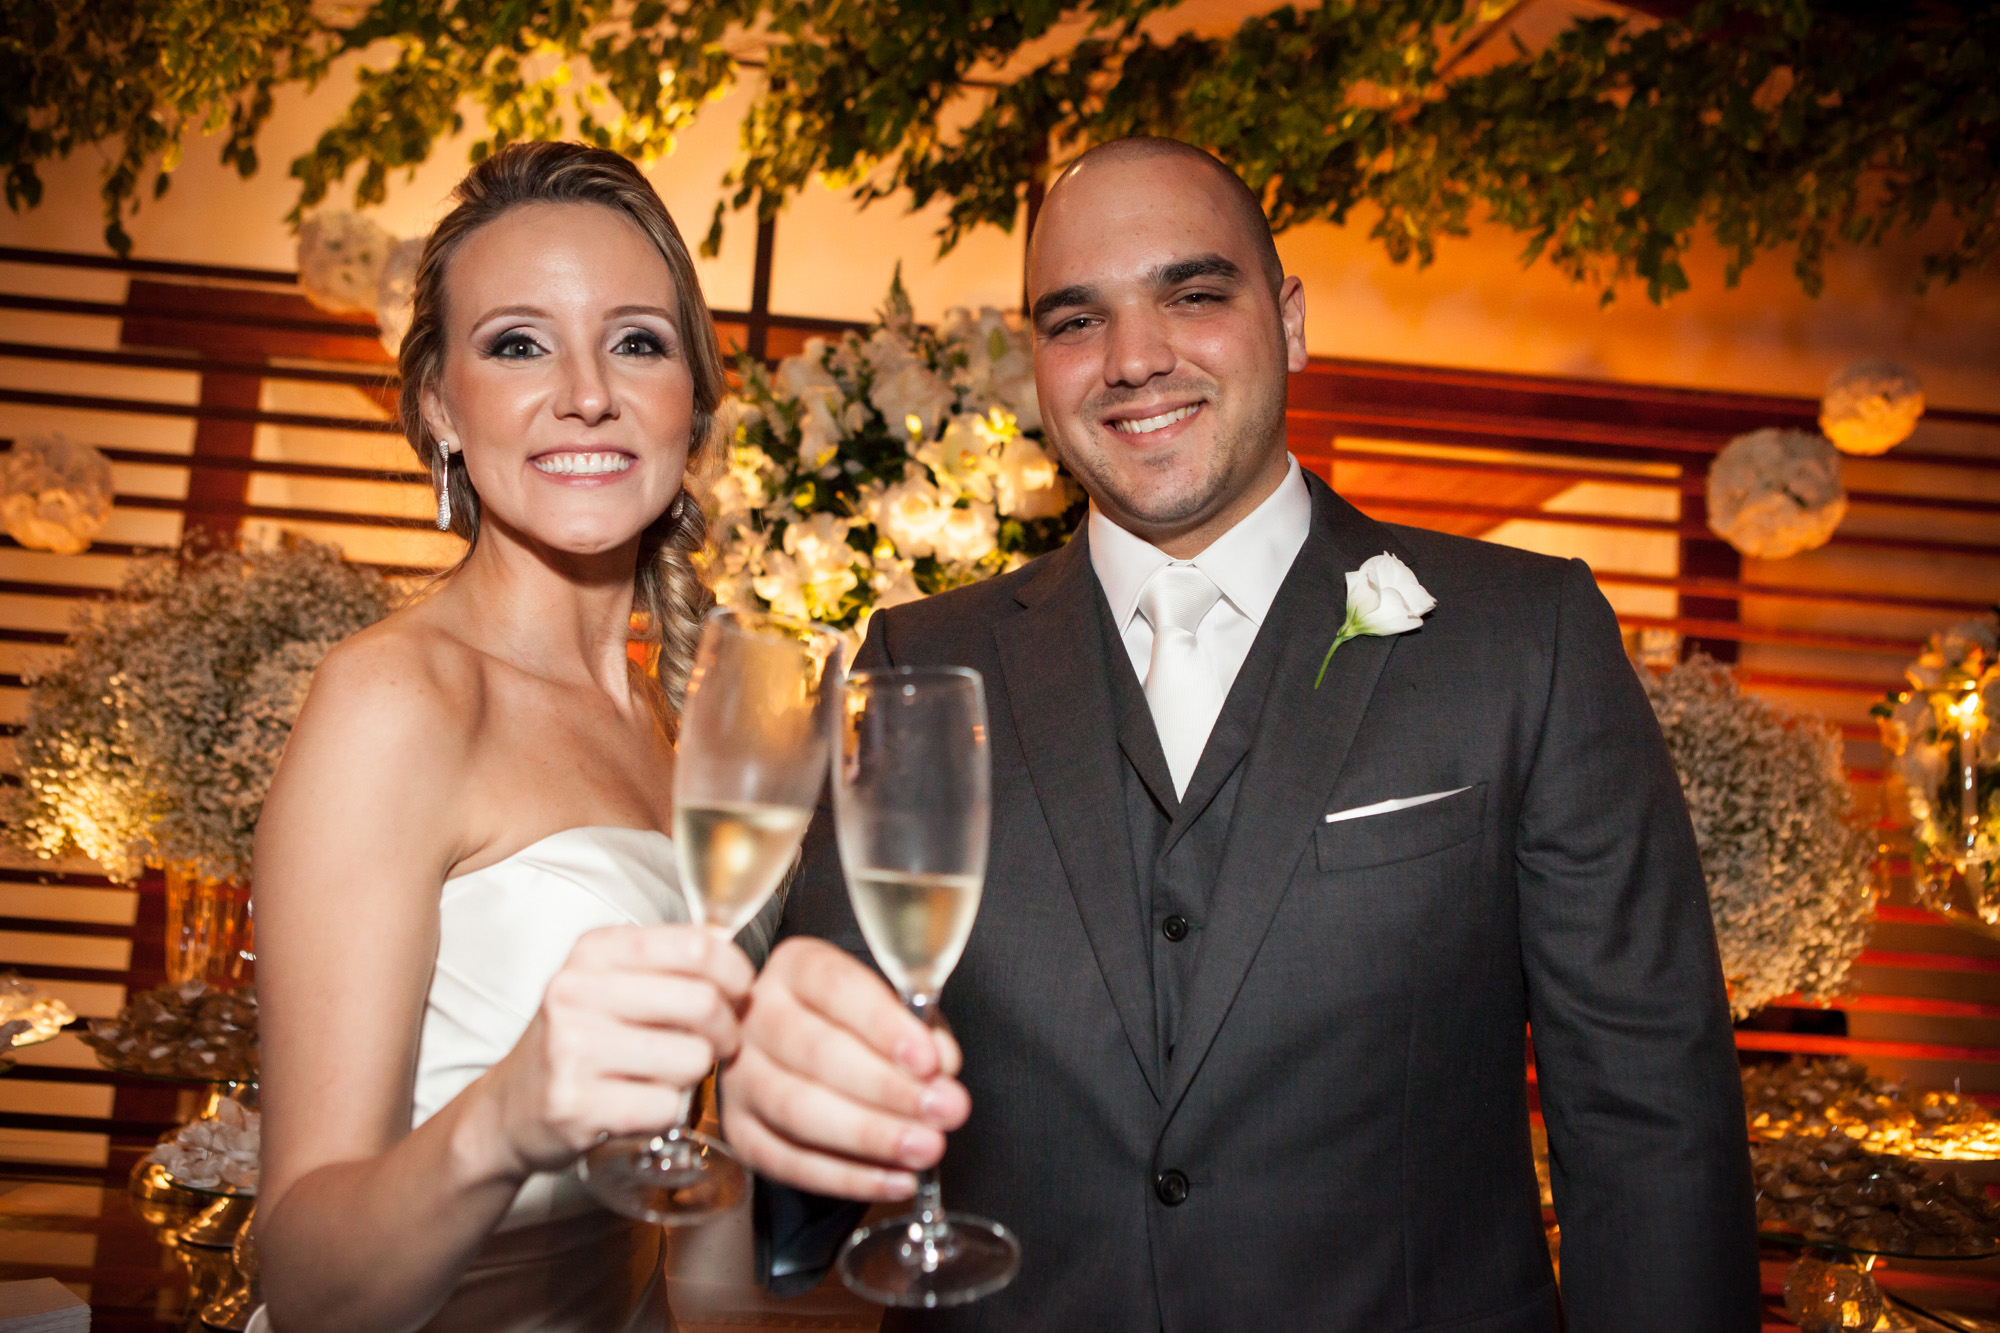 11_Fotograma_Fotografia de casamento